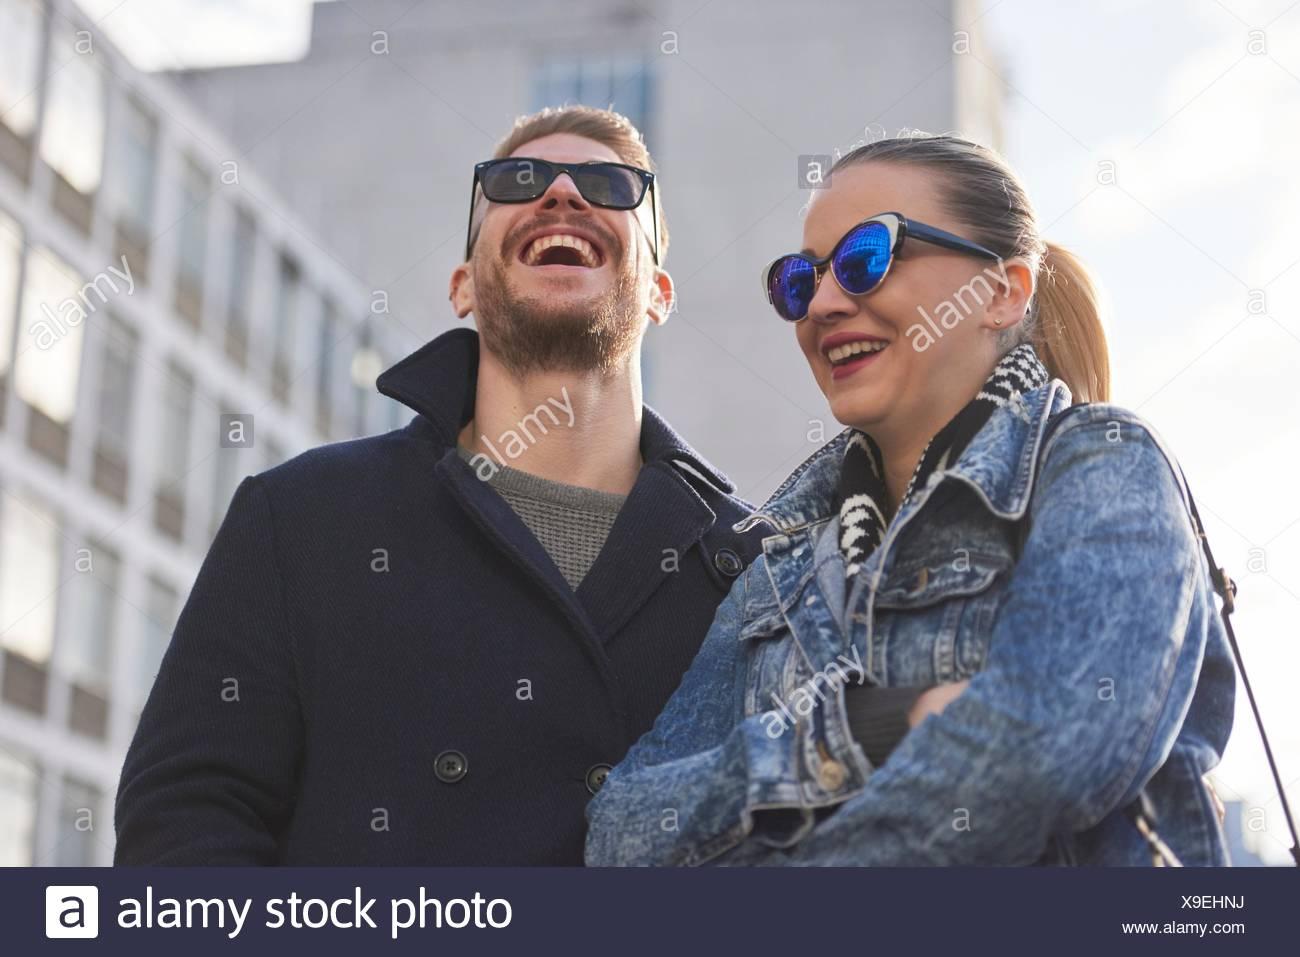 Pareja joven con gafas de sol y ropa de abrigo, exteriores Imagen De Stock